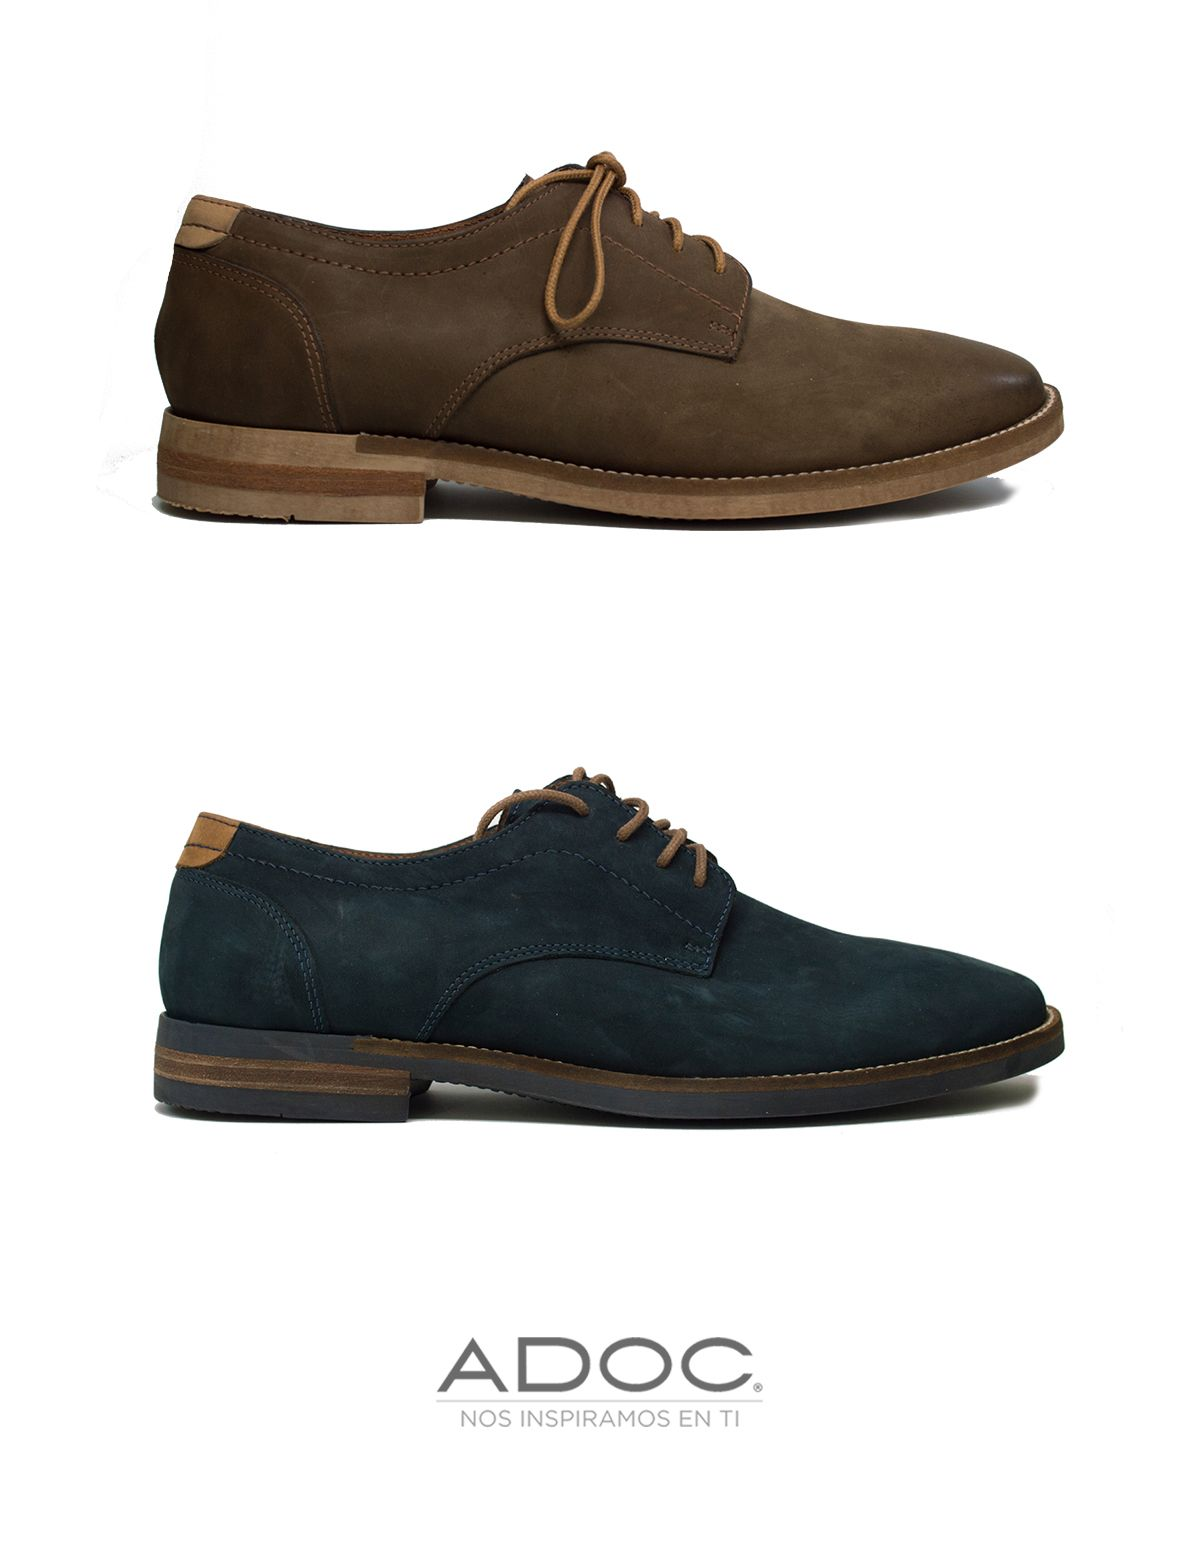 Zapatos Madisson de ADOC disponibles en navy, caramel y olivo.